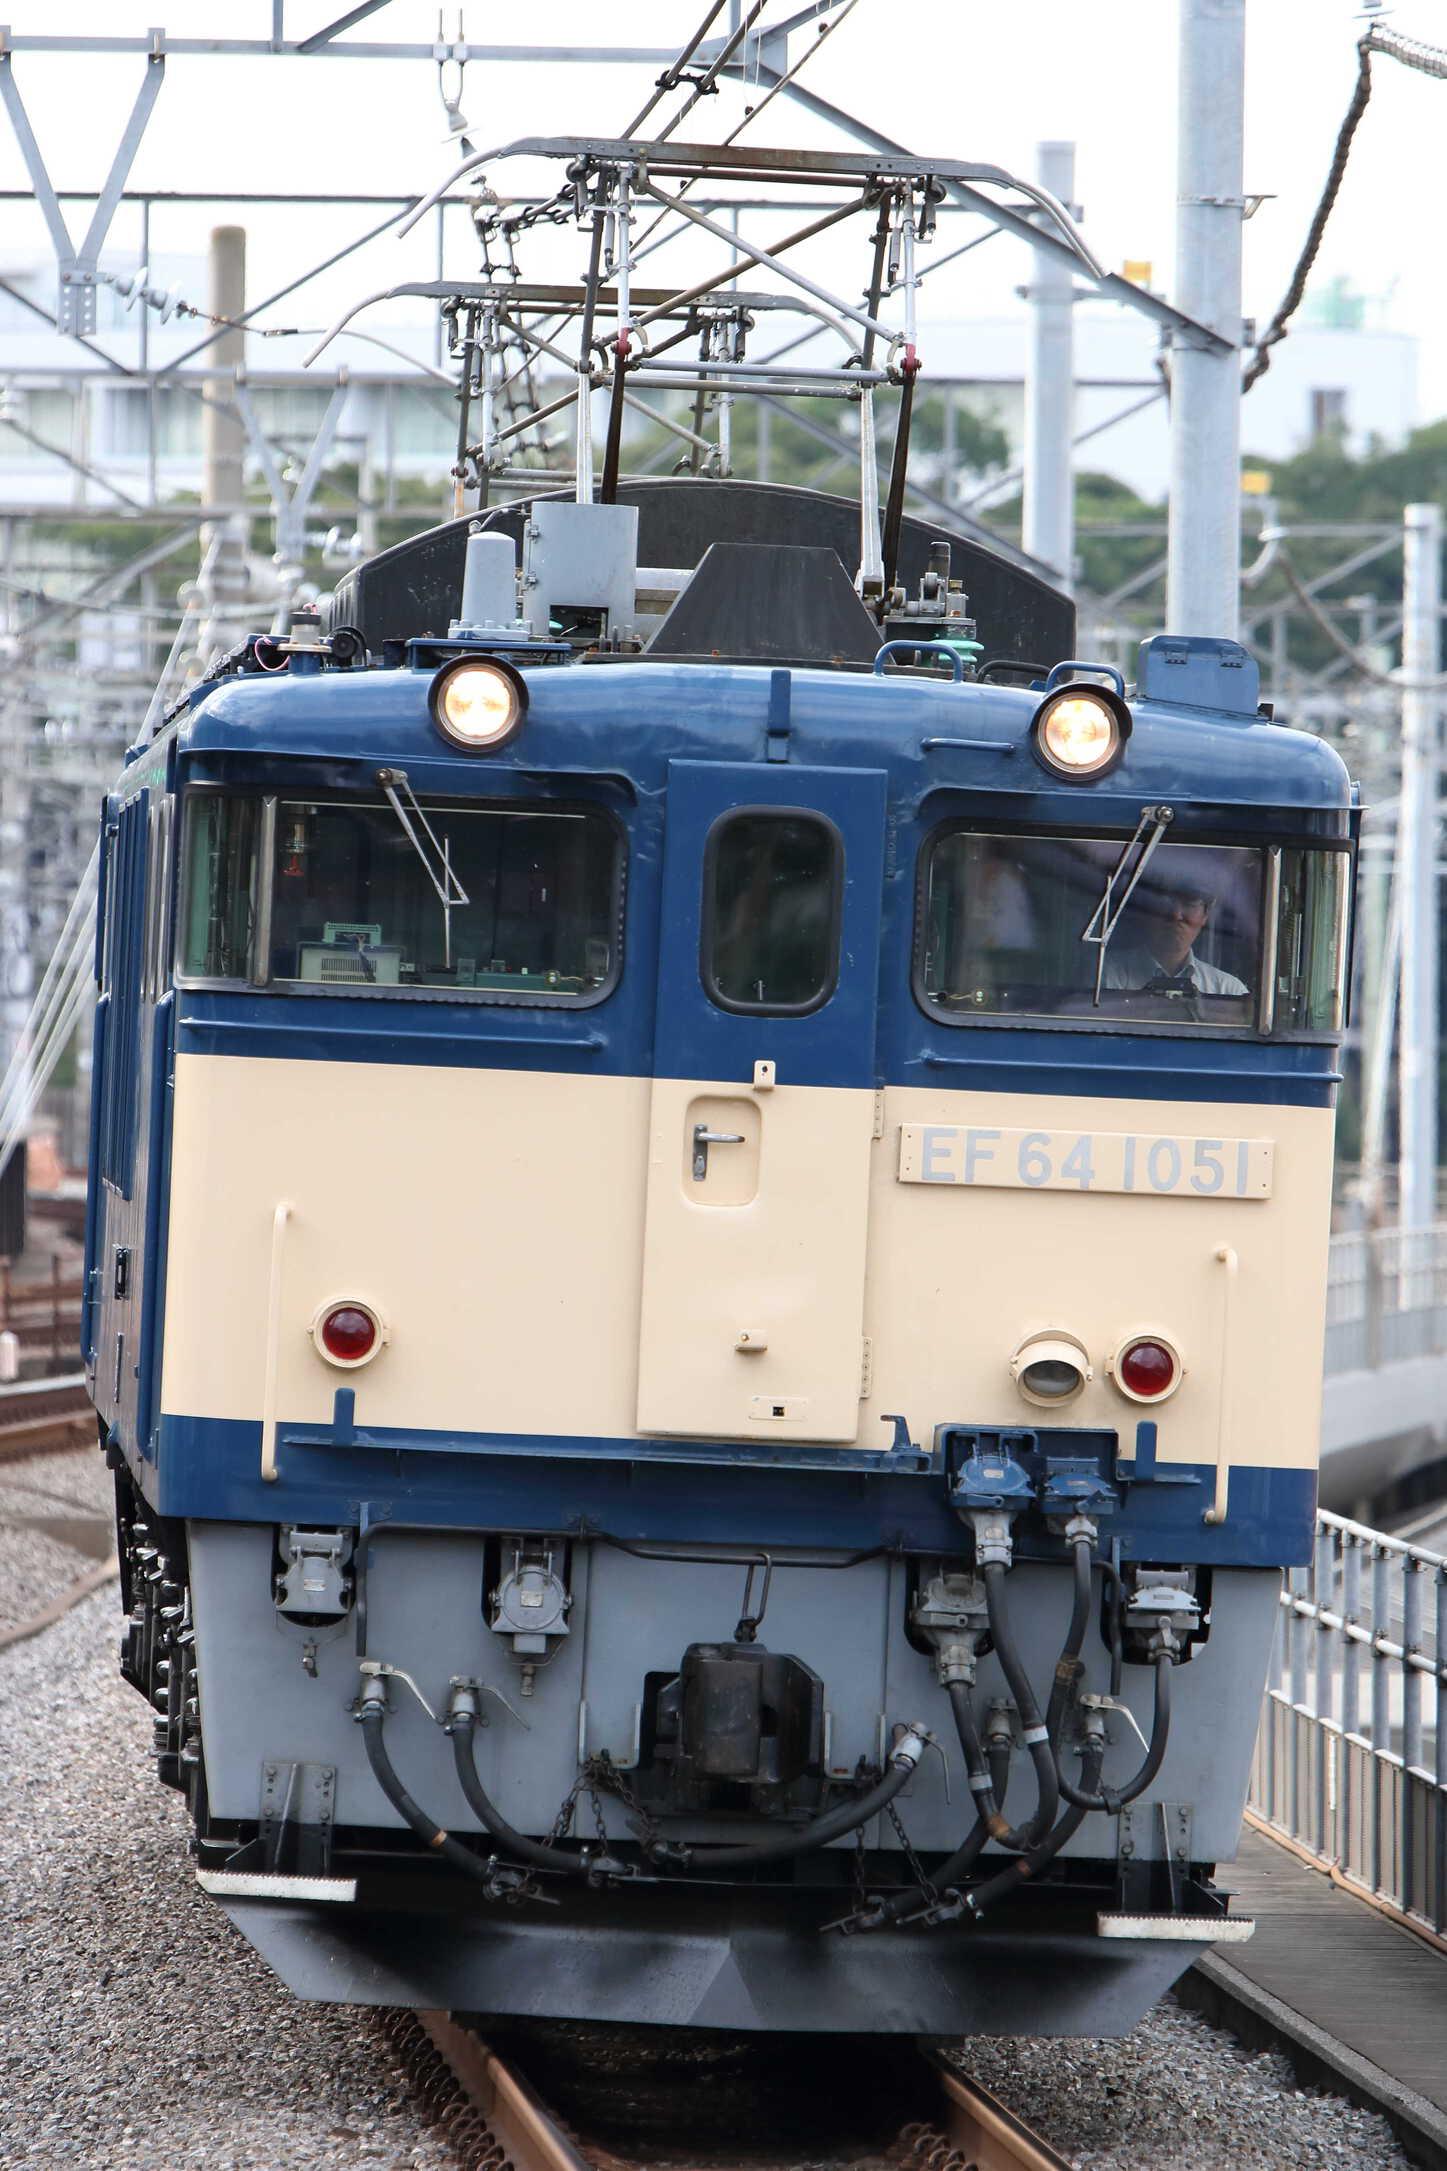 単9536列車? NN入場牽引機単機回送 EF64-1051[長岡]